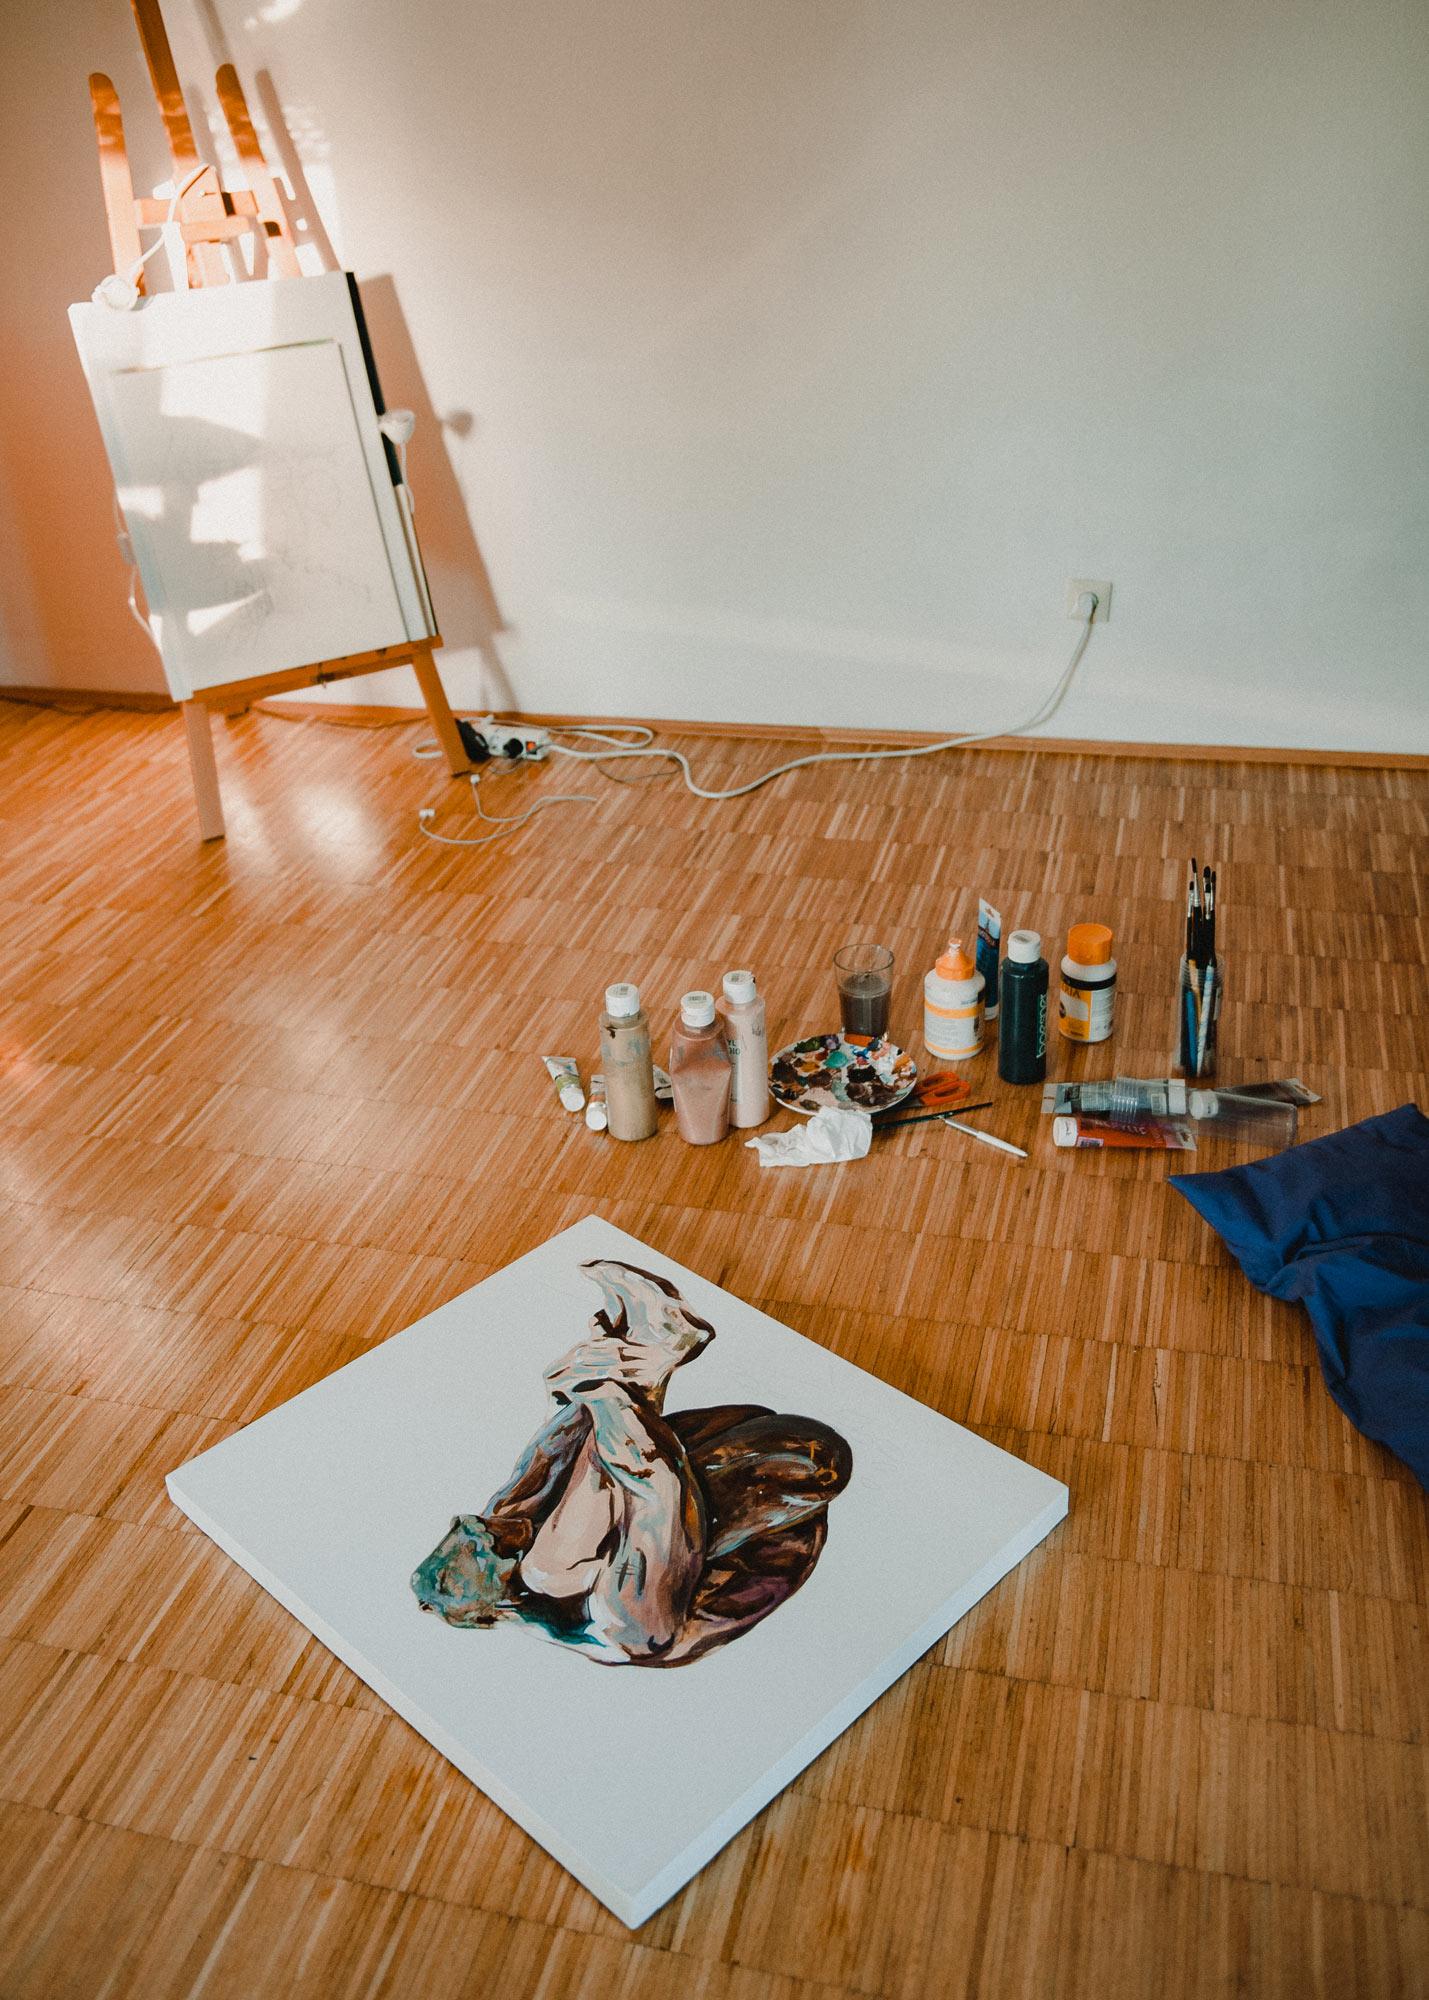 Fotodokumentation der Motiventstehung. Leinwand, Pinseln, Farben und Staffelei